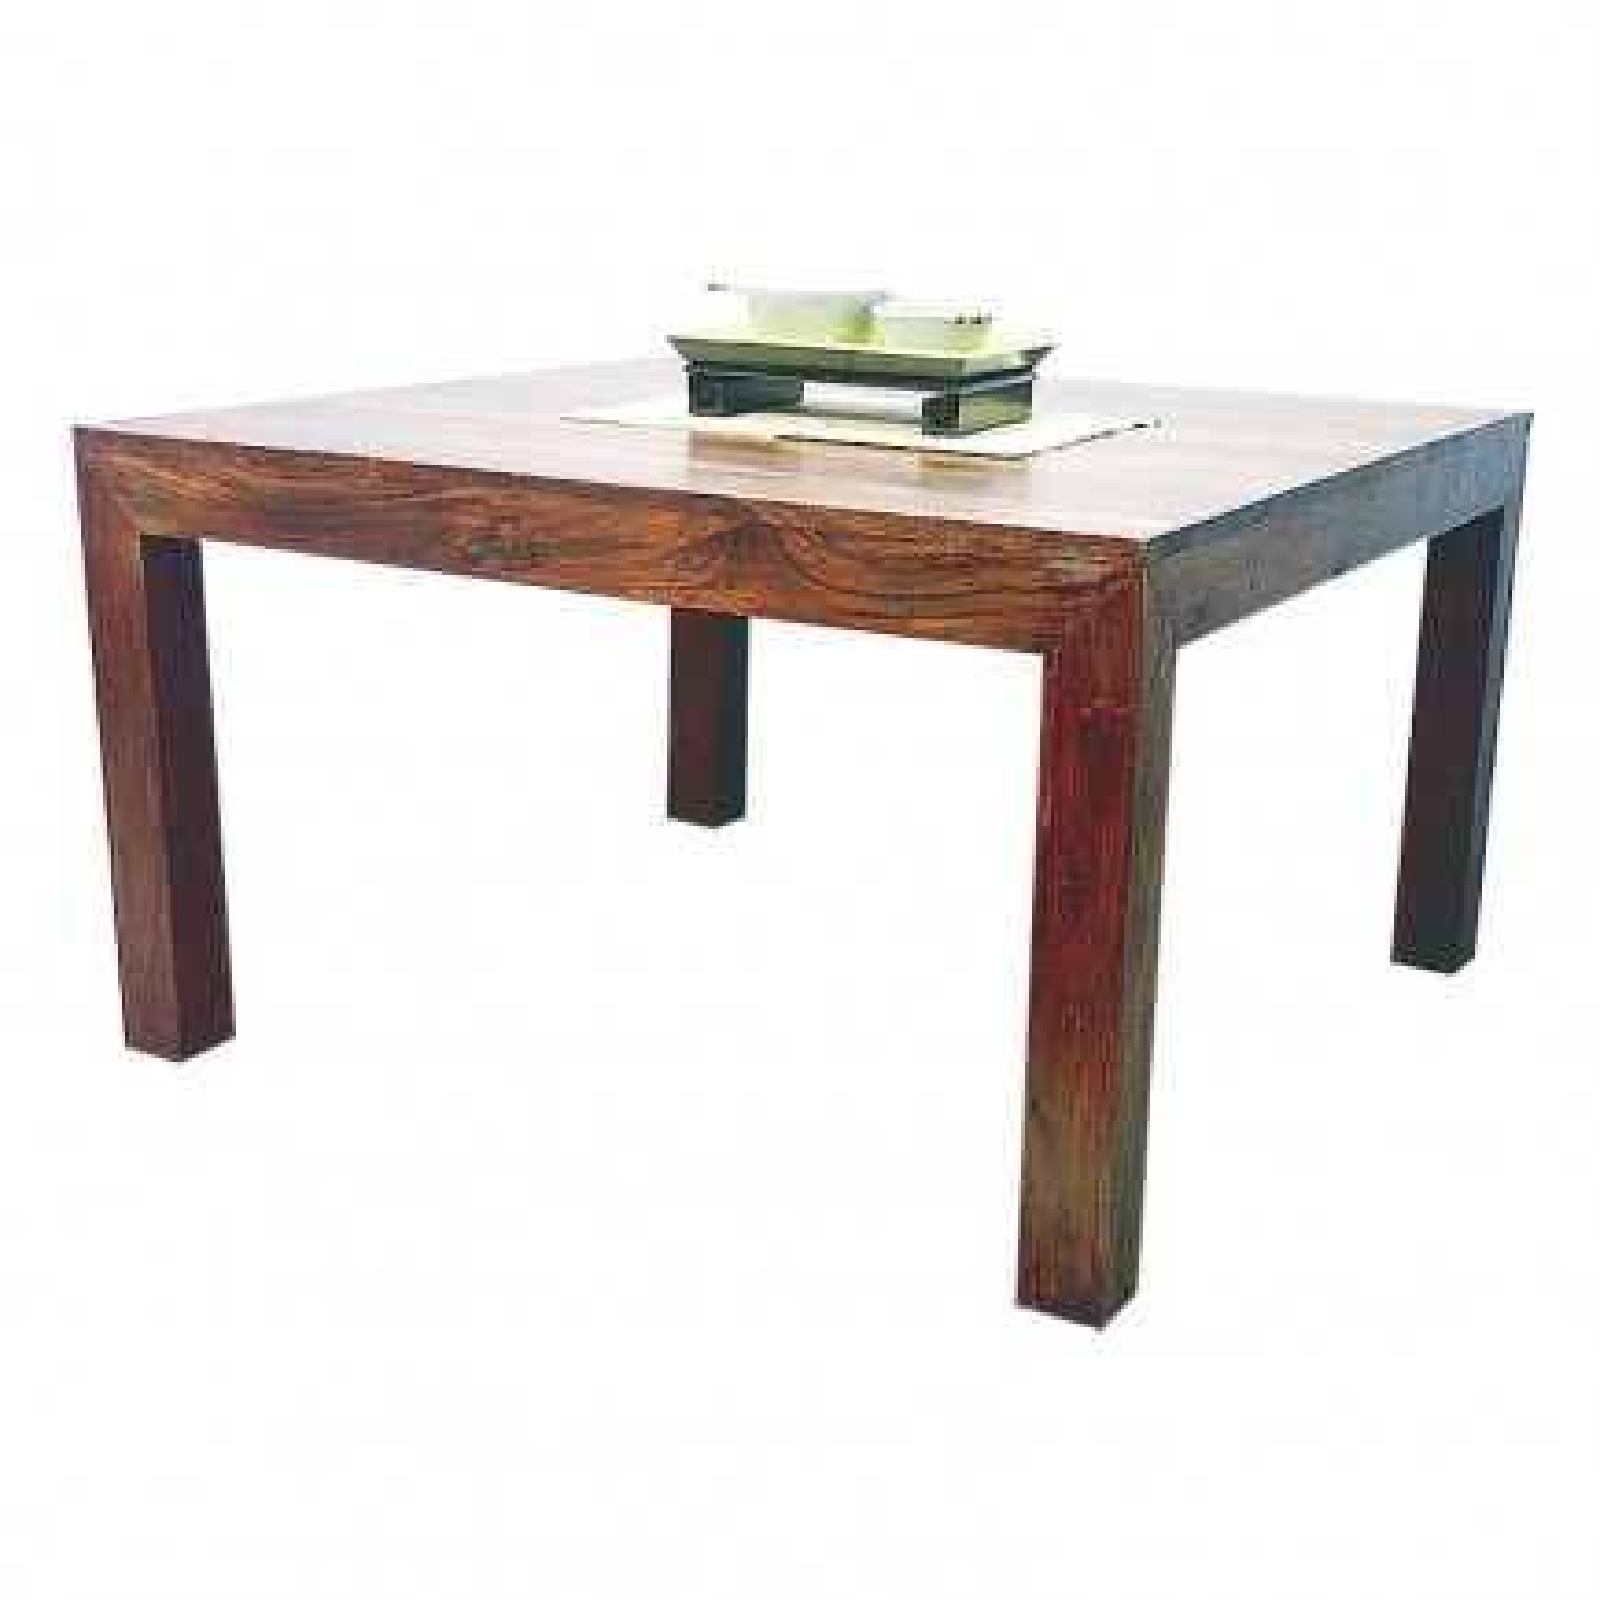 Table de repas carrée Palissandre Zen. Meuble en palissandre